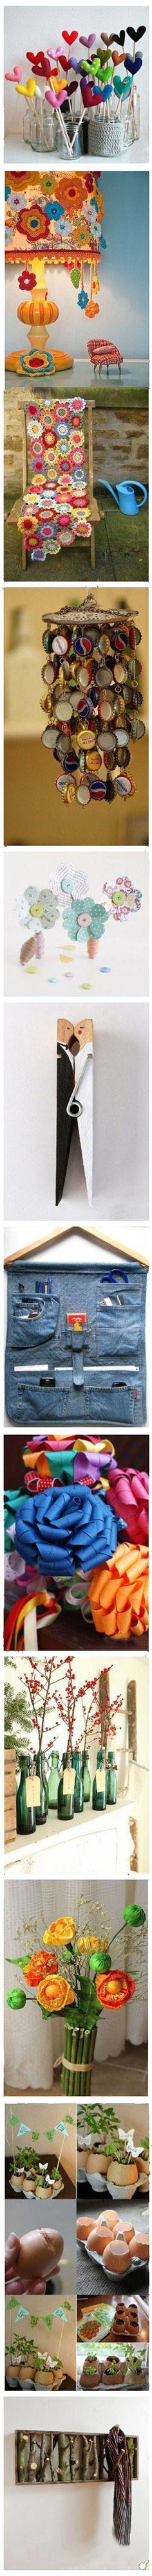 Craft Ideas diy craft crafts easy crafts craft idea diy ideas home diy easy diy home crafts diy craft